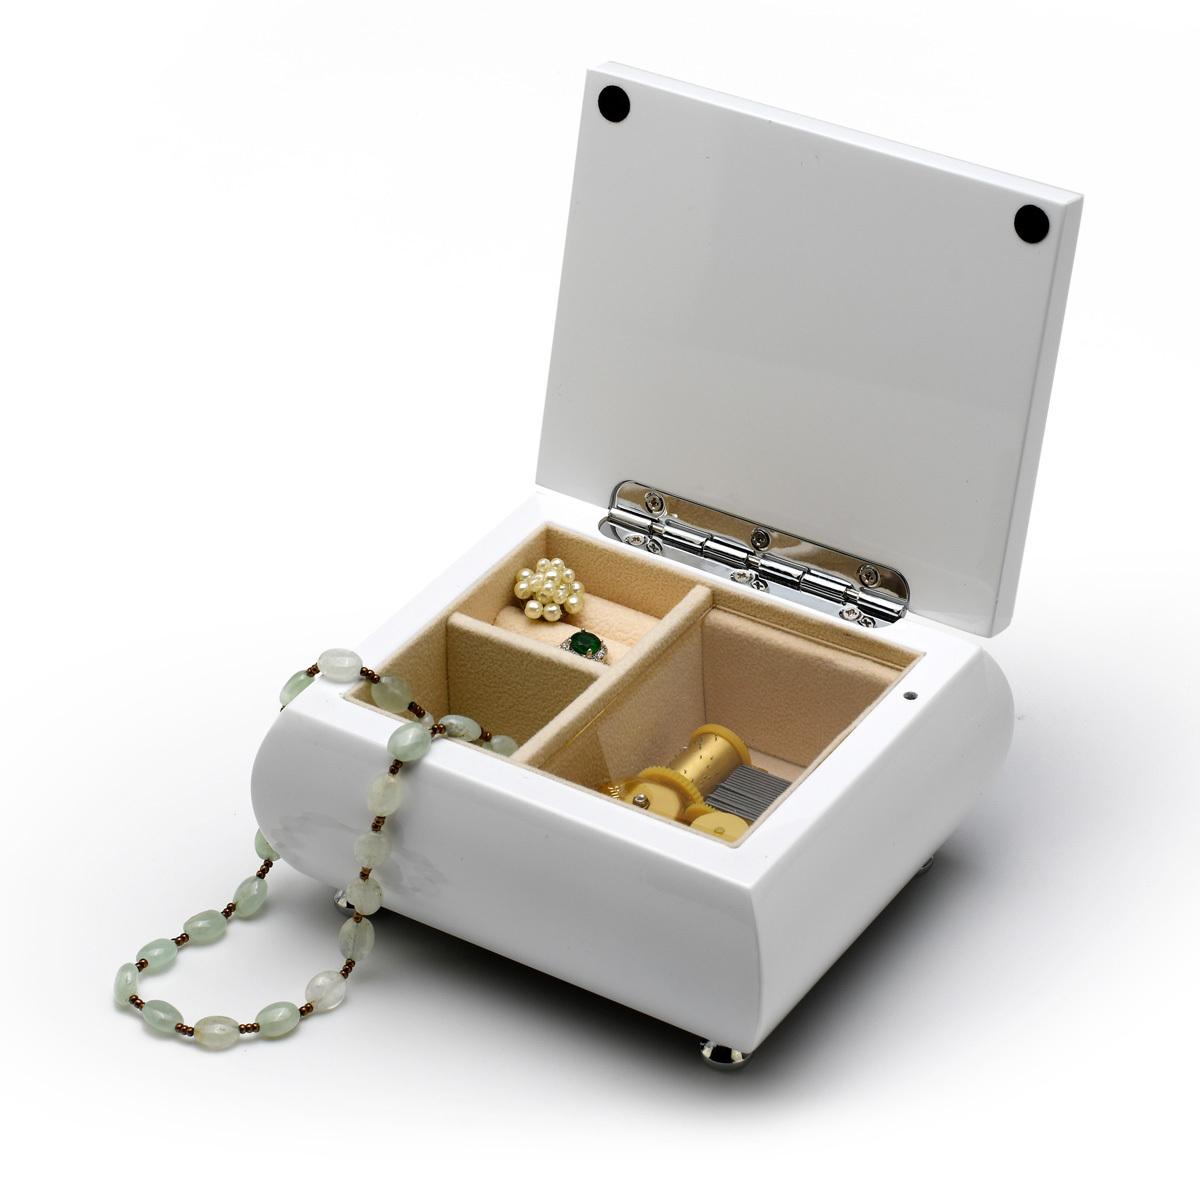 Pristine Hi-Gloss 18 Note White Lacquer Musical Jewelry Box